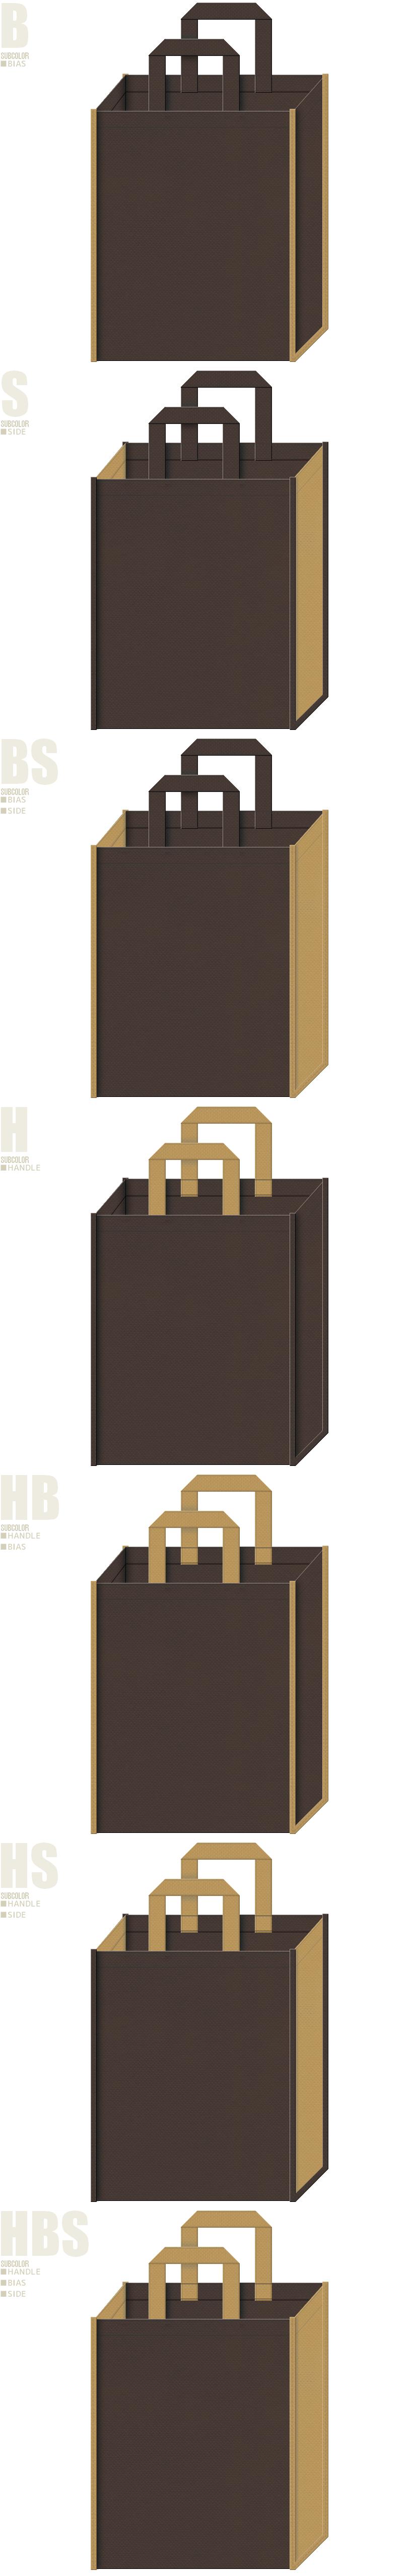 こげ茶色と金色系黄土色、7パターンの不織布トートバッグ配色デザイン例。コーヒー用品の展示会用バッグにお奨めです。ロッジ、山小屋風、珈琲ロール風。